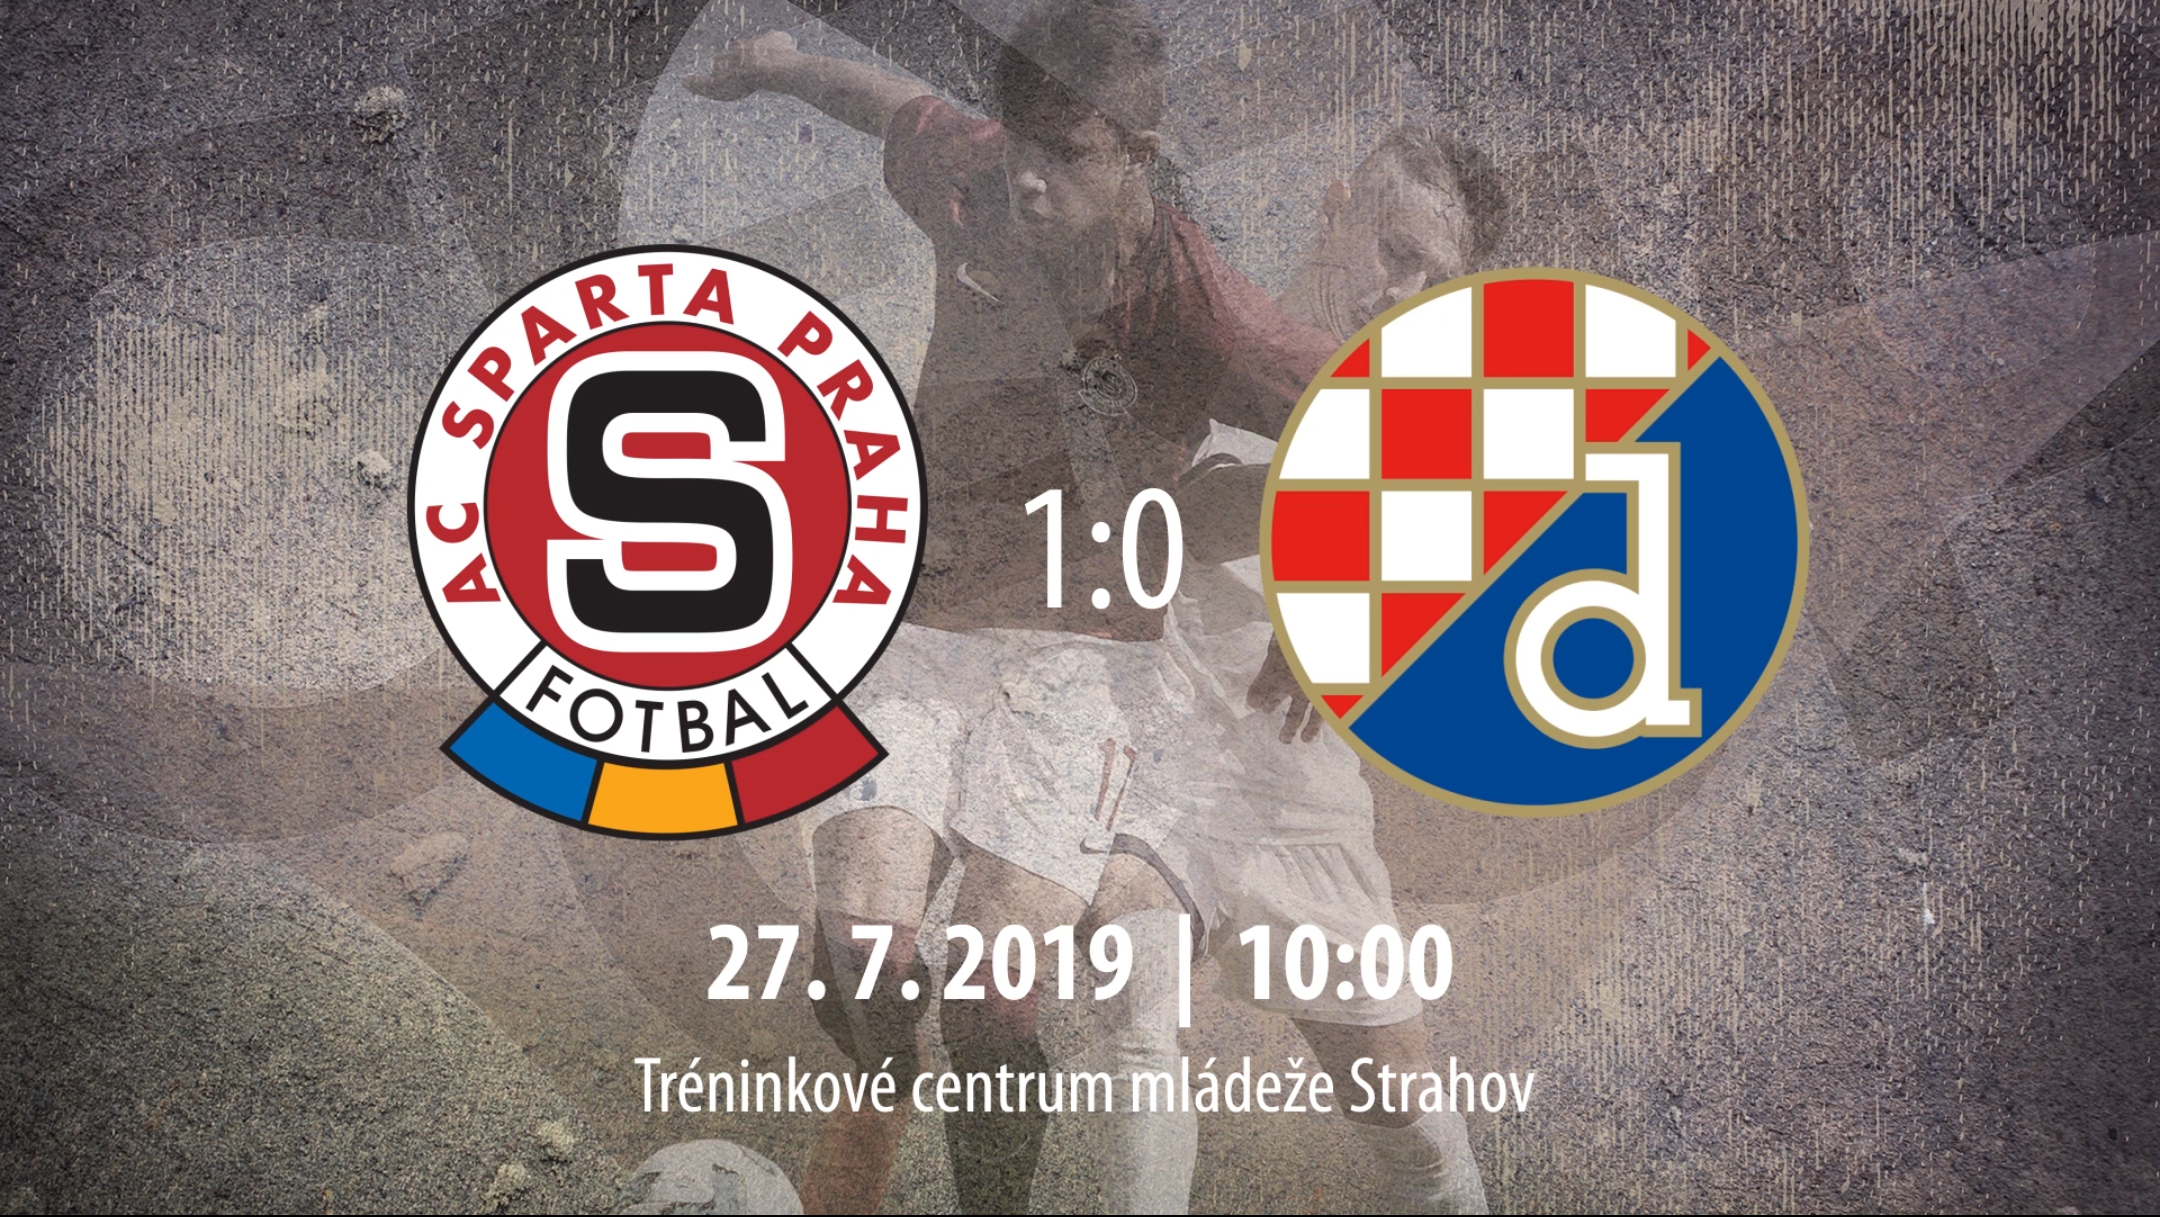 [HIGHLIGHTS] CEE Cup 2019: AC Sparta Praha vs GNK Dinamo Zagreb 1-0